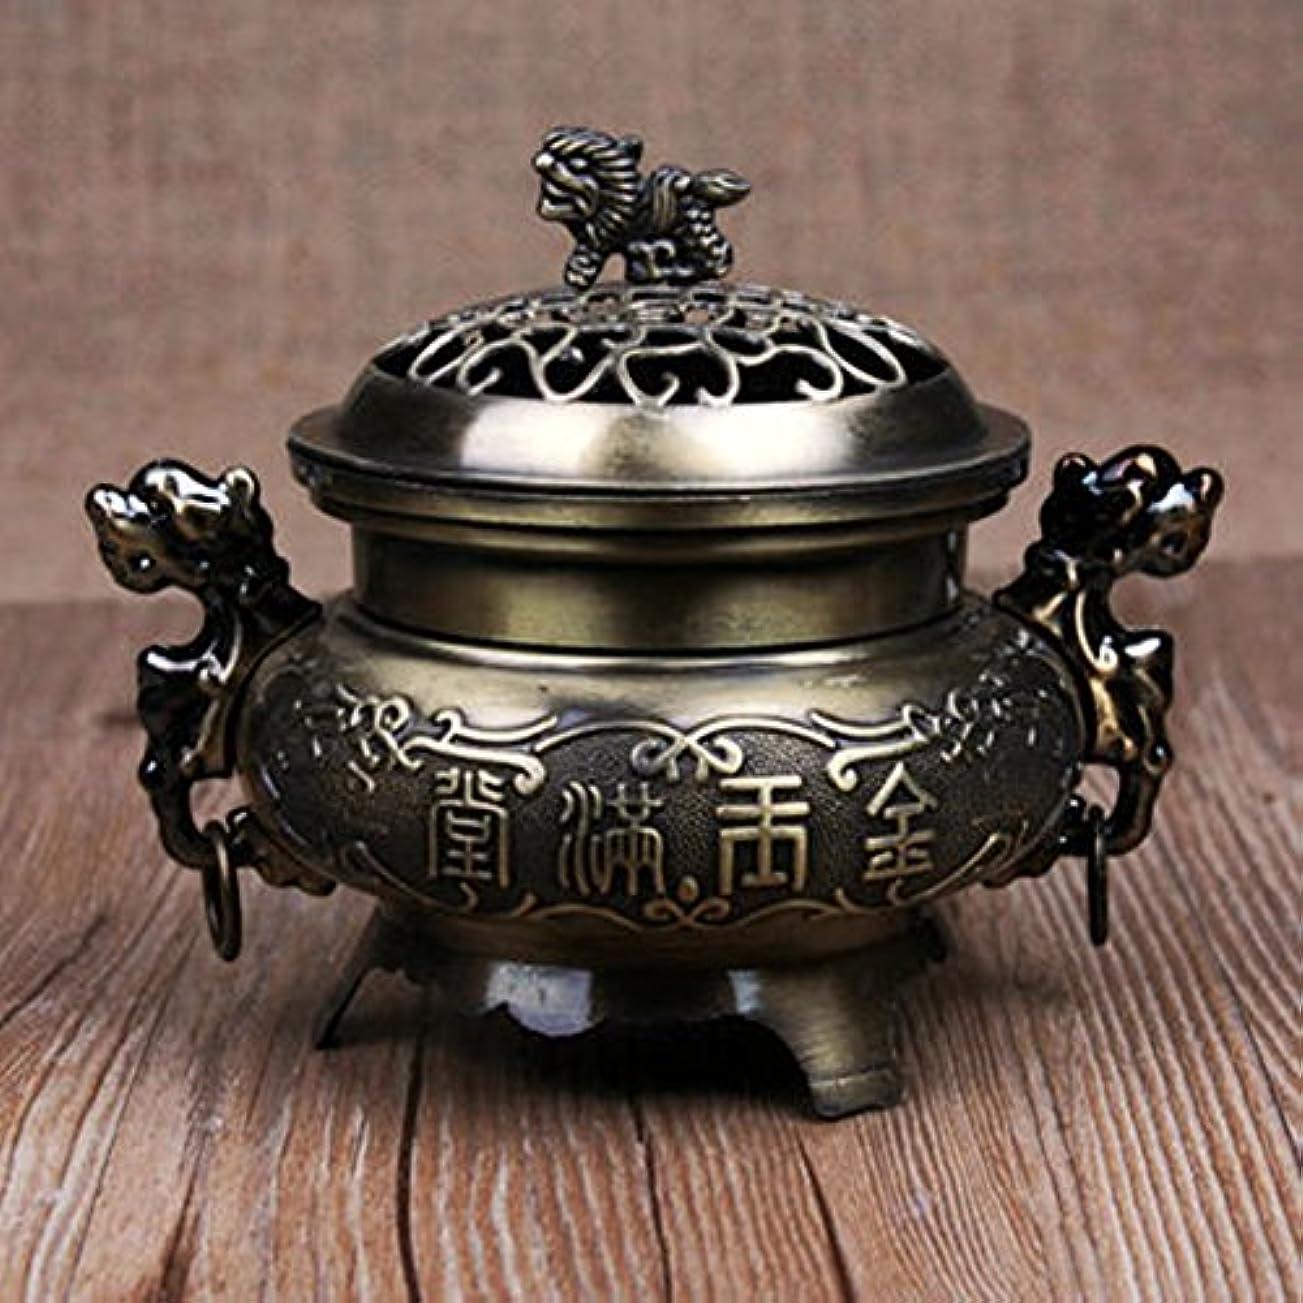 大砲せせらぎバルセロナLiebeye レトロスタイルの合金香炉 バーナーダブルドラゴン 中空カバー香炉 ホームデコレーション 青銅色